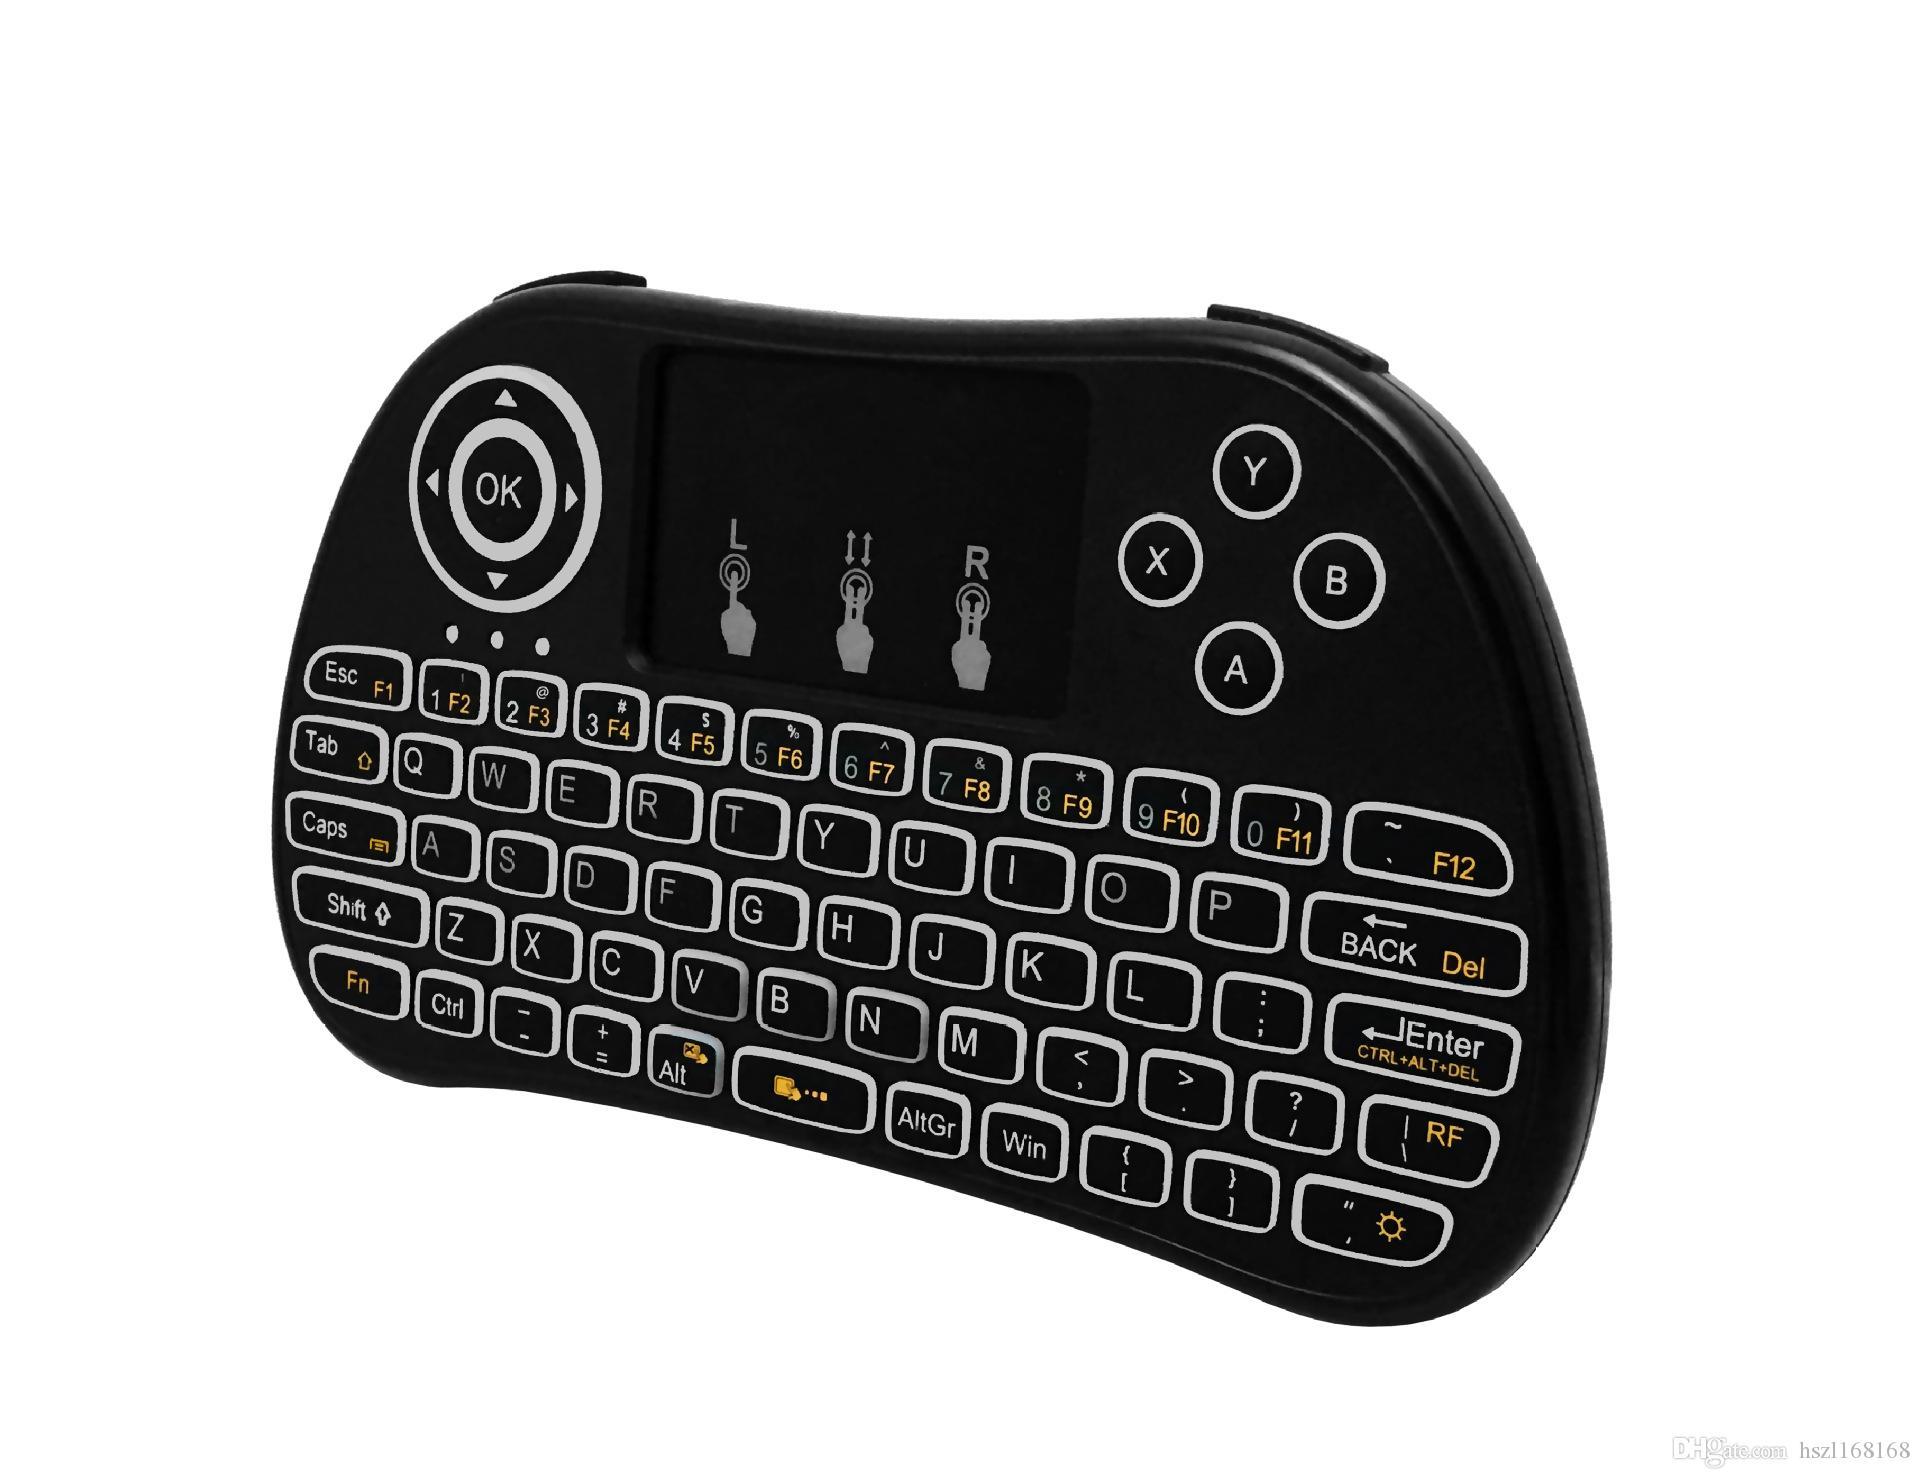 Оригинал летать воздуха Мышь i86 P9 литиевая батарея 2.4G Беспроводная клавиатура Пульты дистанционного управления тачпад для PC Notebook Android TV Box VS i8